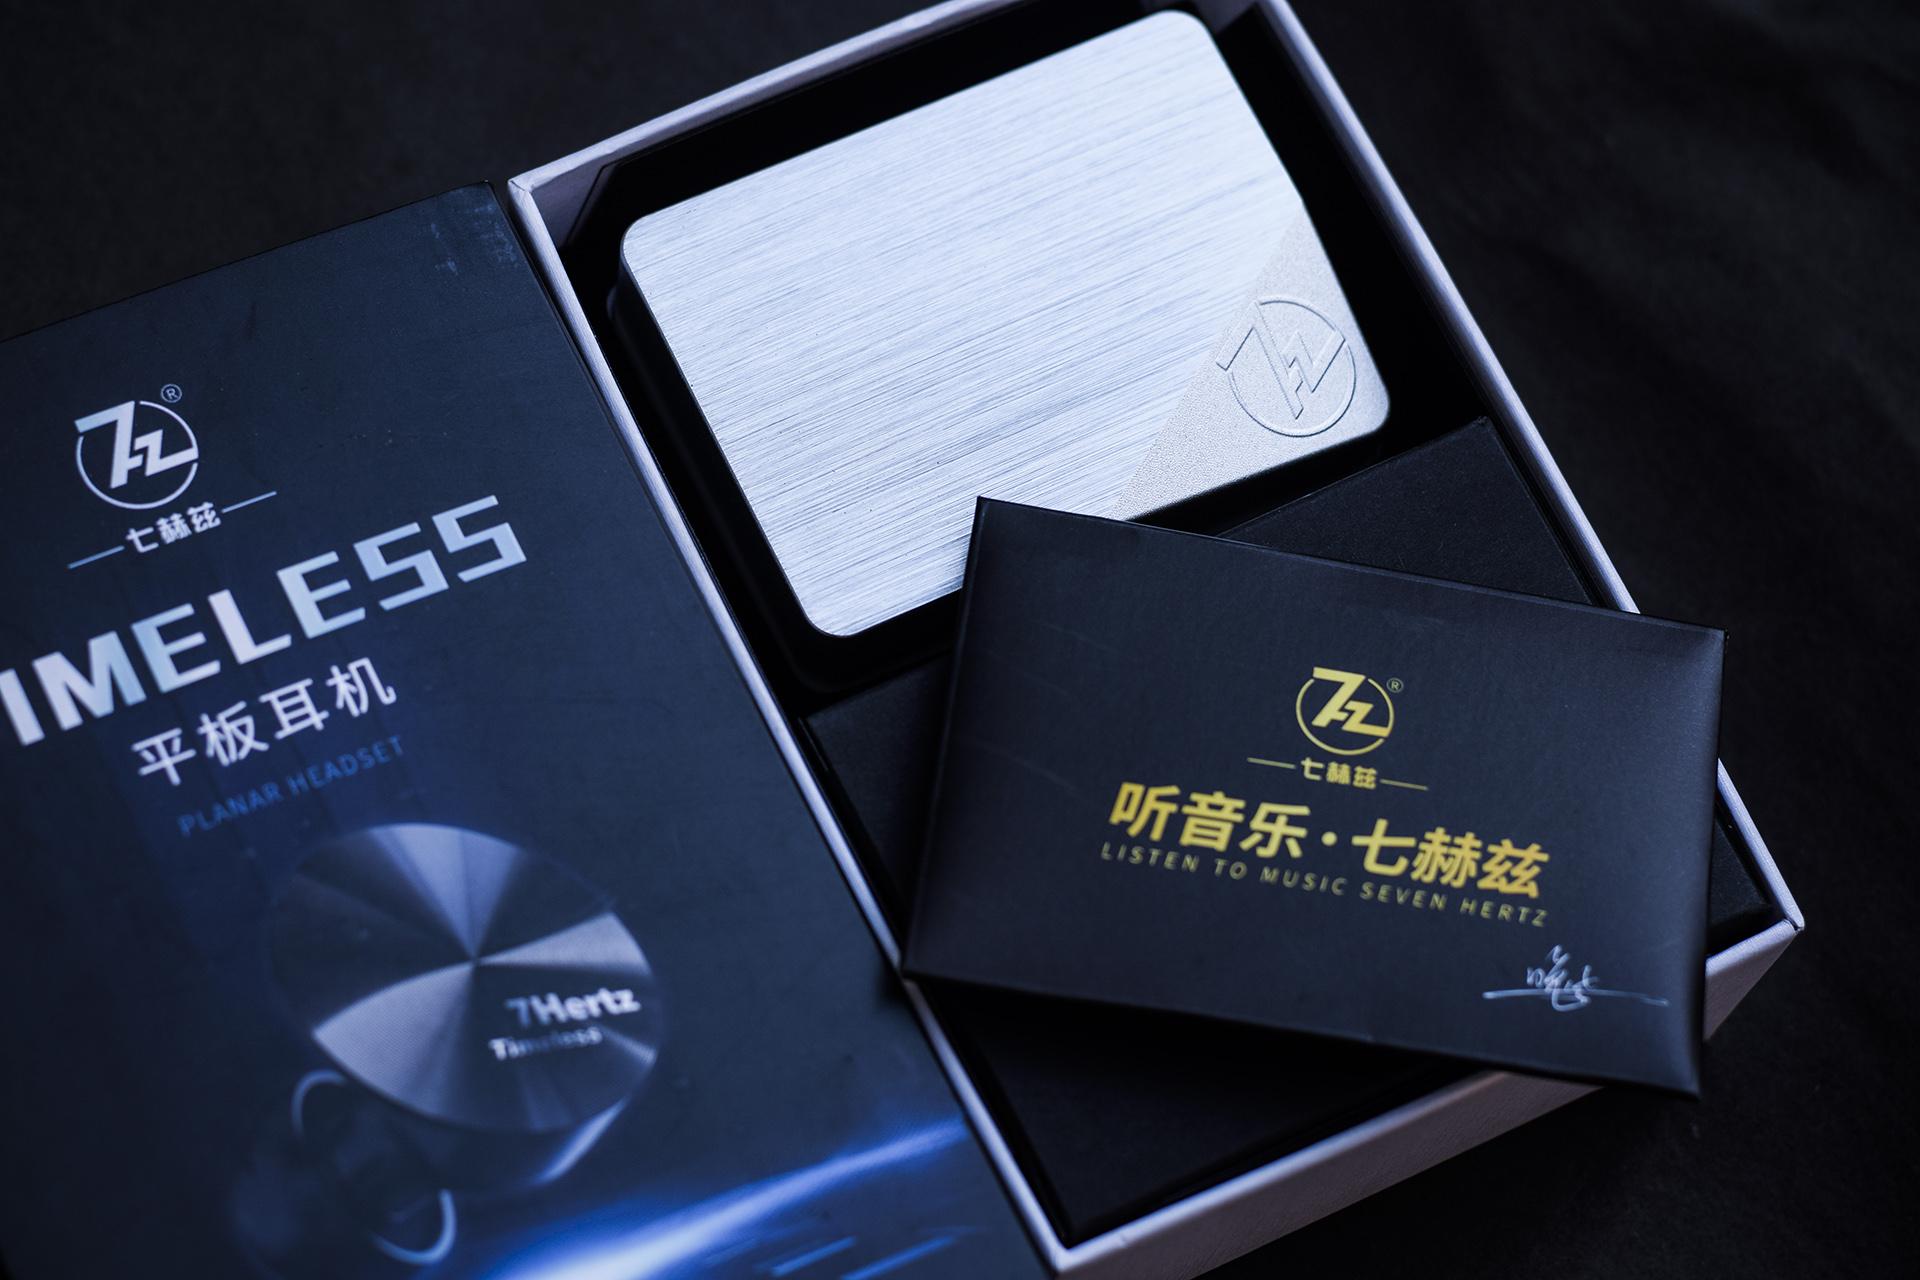 7Hz Timeless-3